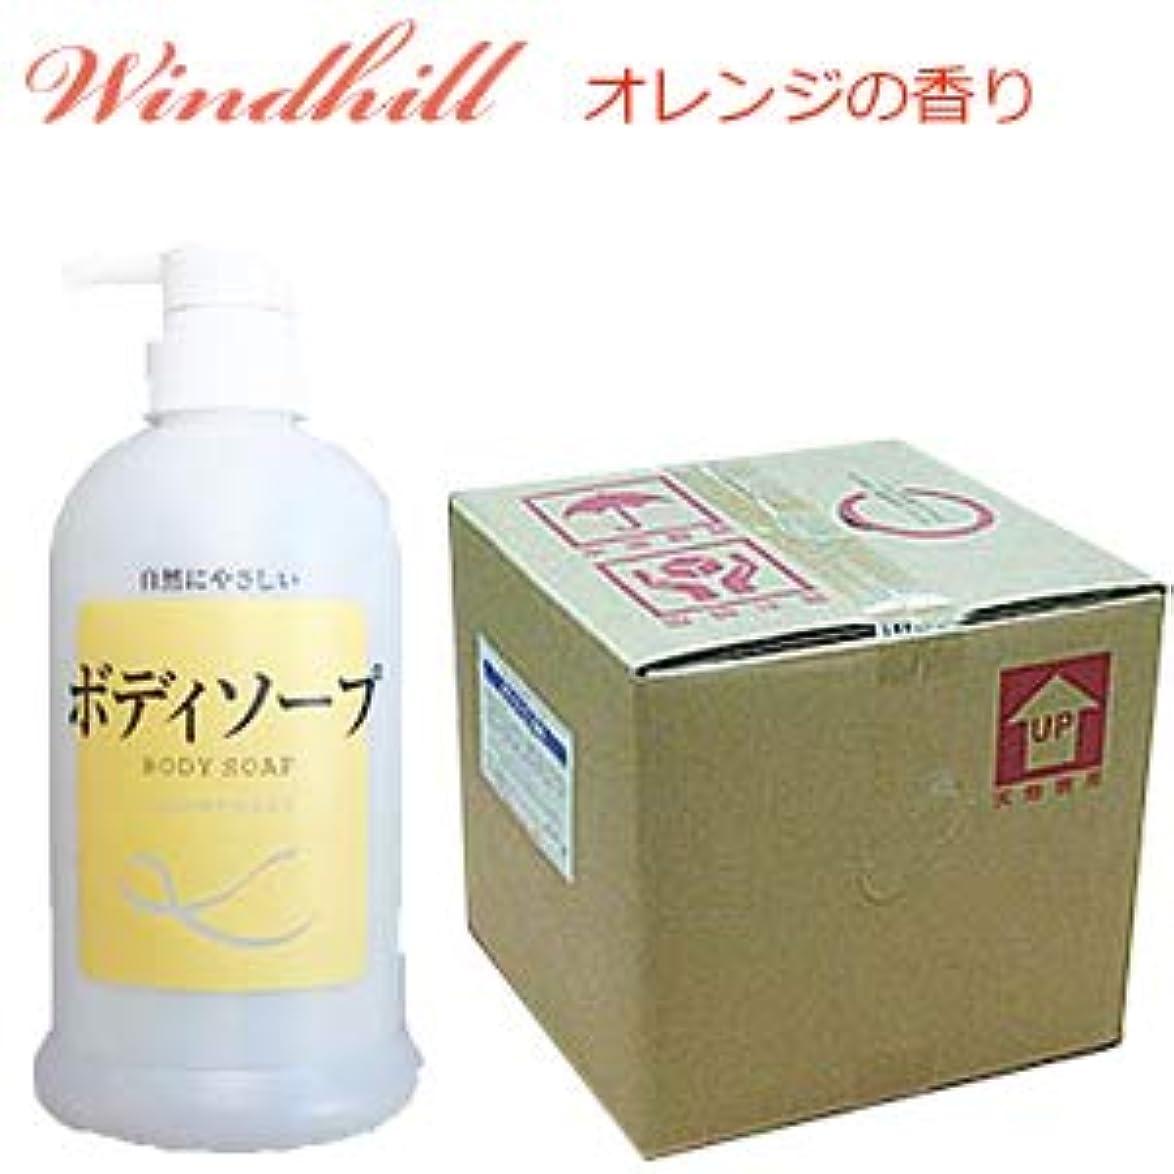 もちろん金銭的応用Windhill 植物性 業務用ボディソープオレンジの香り 20L(1セット20L入)